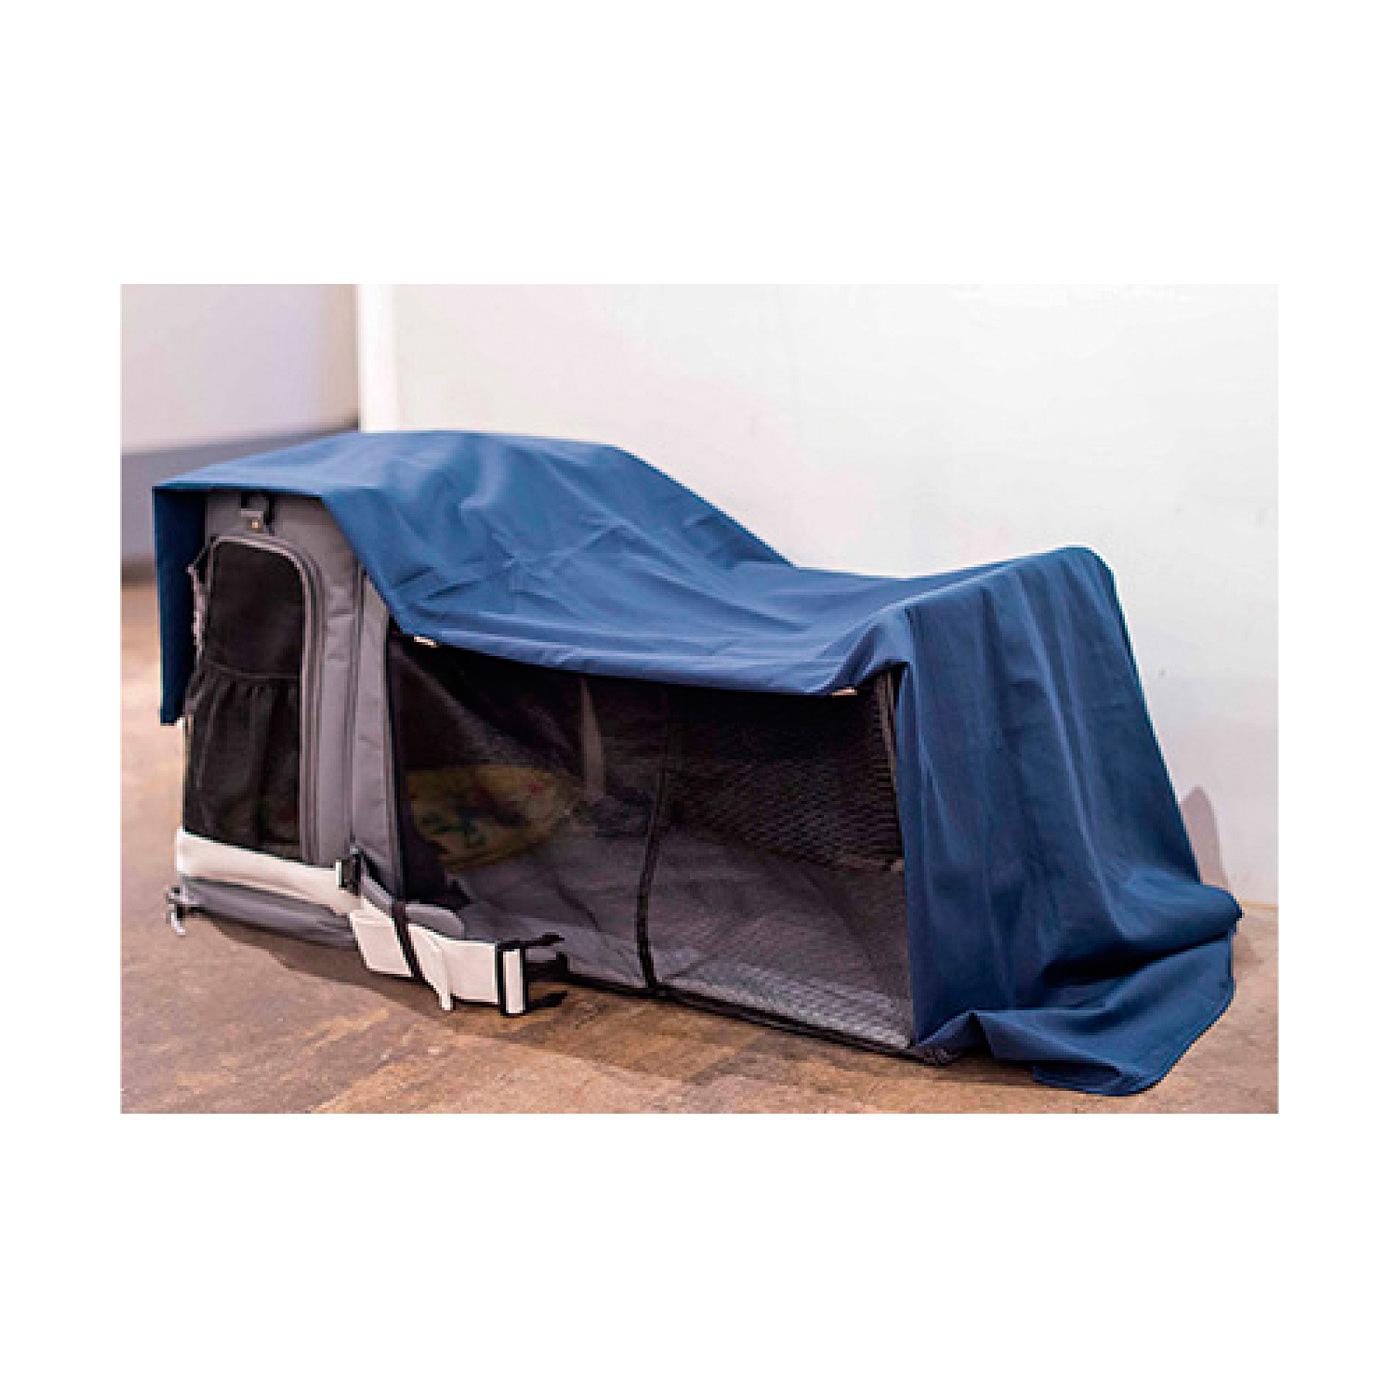 飼育マナー&ストレス対策の遮断布付き 約145×145㎝の大きめのカバー布をセット。まわりの環境や視野をさえぎるほか、防寒や雨よけなど多目的に使えます。